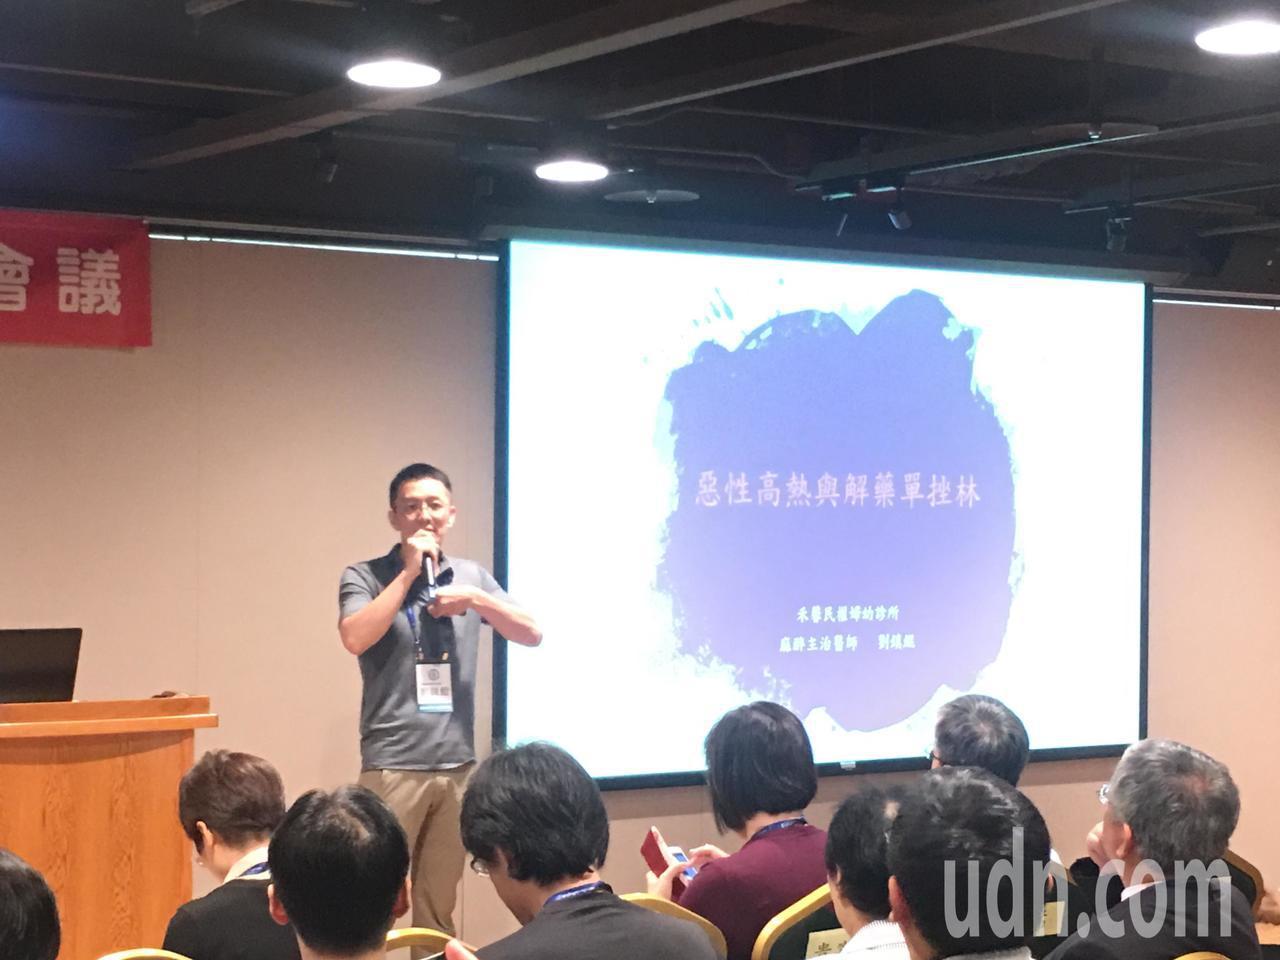 台灣麻醉醫學會參照國是會議格局,今舉辦「全國麻是會議」,邀請各界專業人員共同研議...